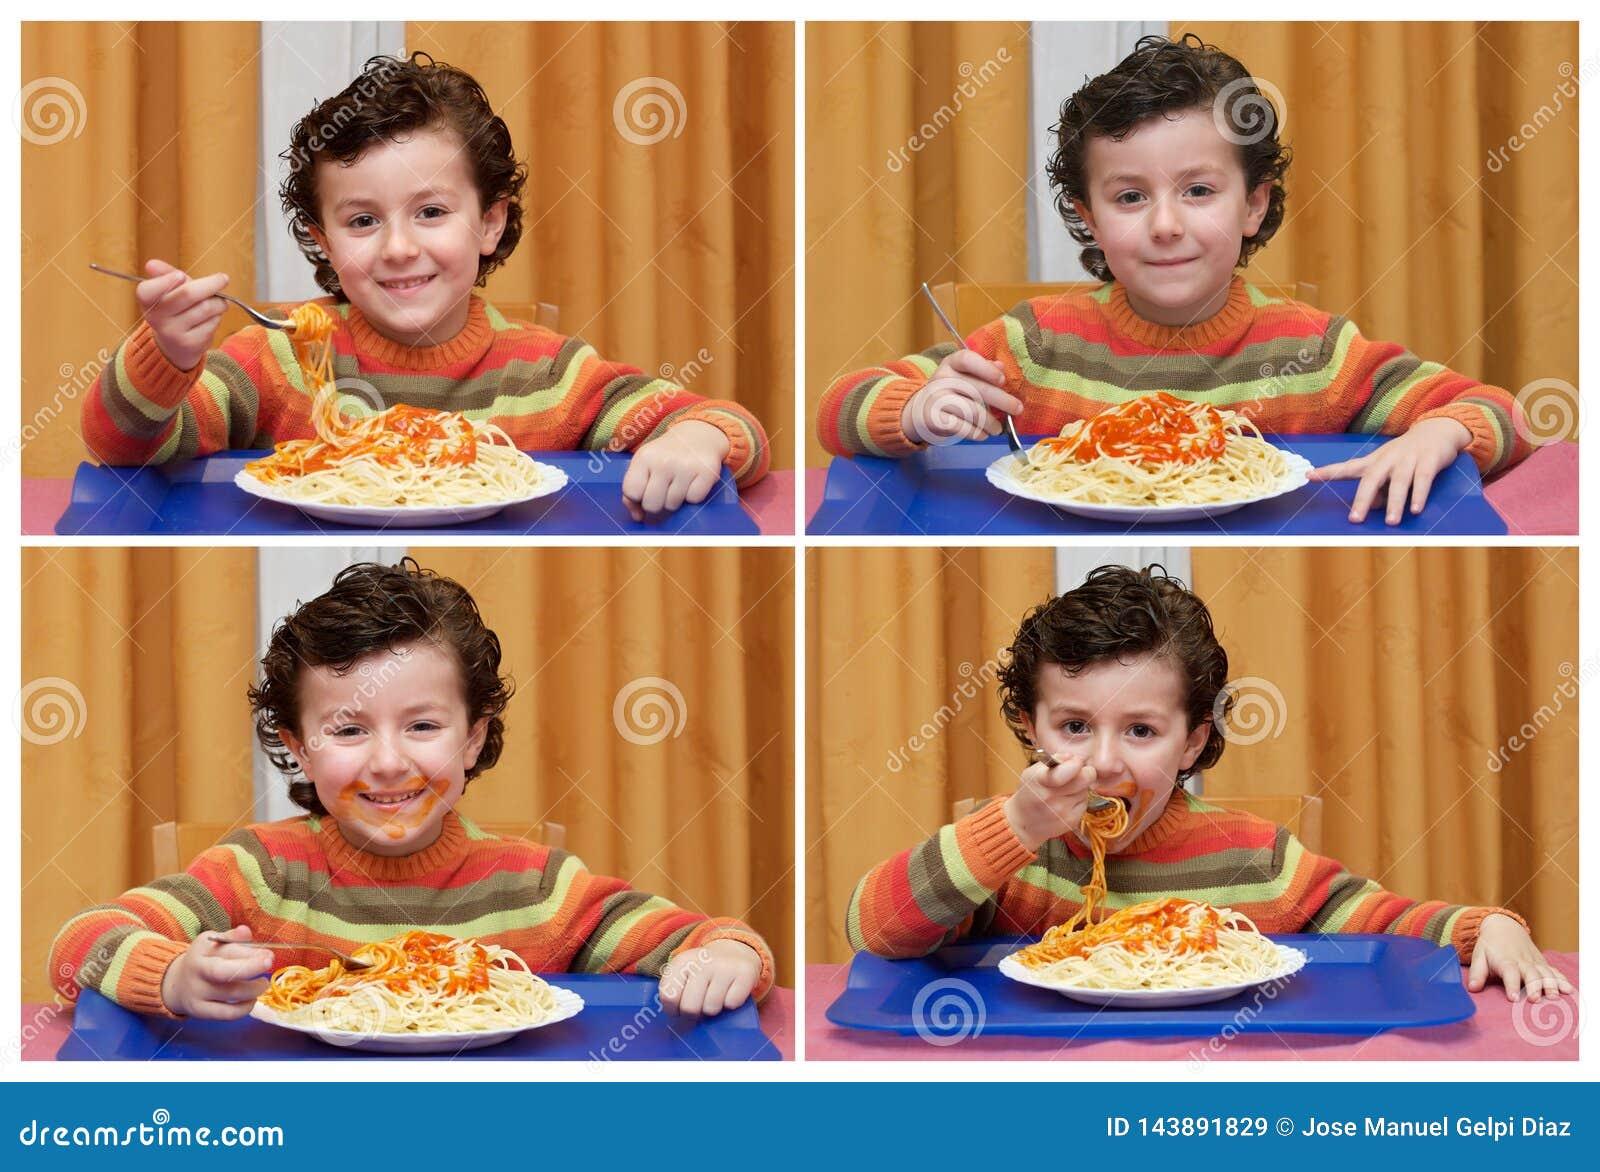 Śmieszny sequece z dziecka łasowania spaghetti